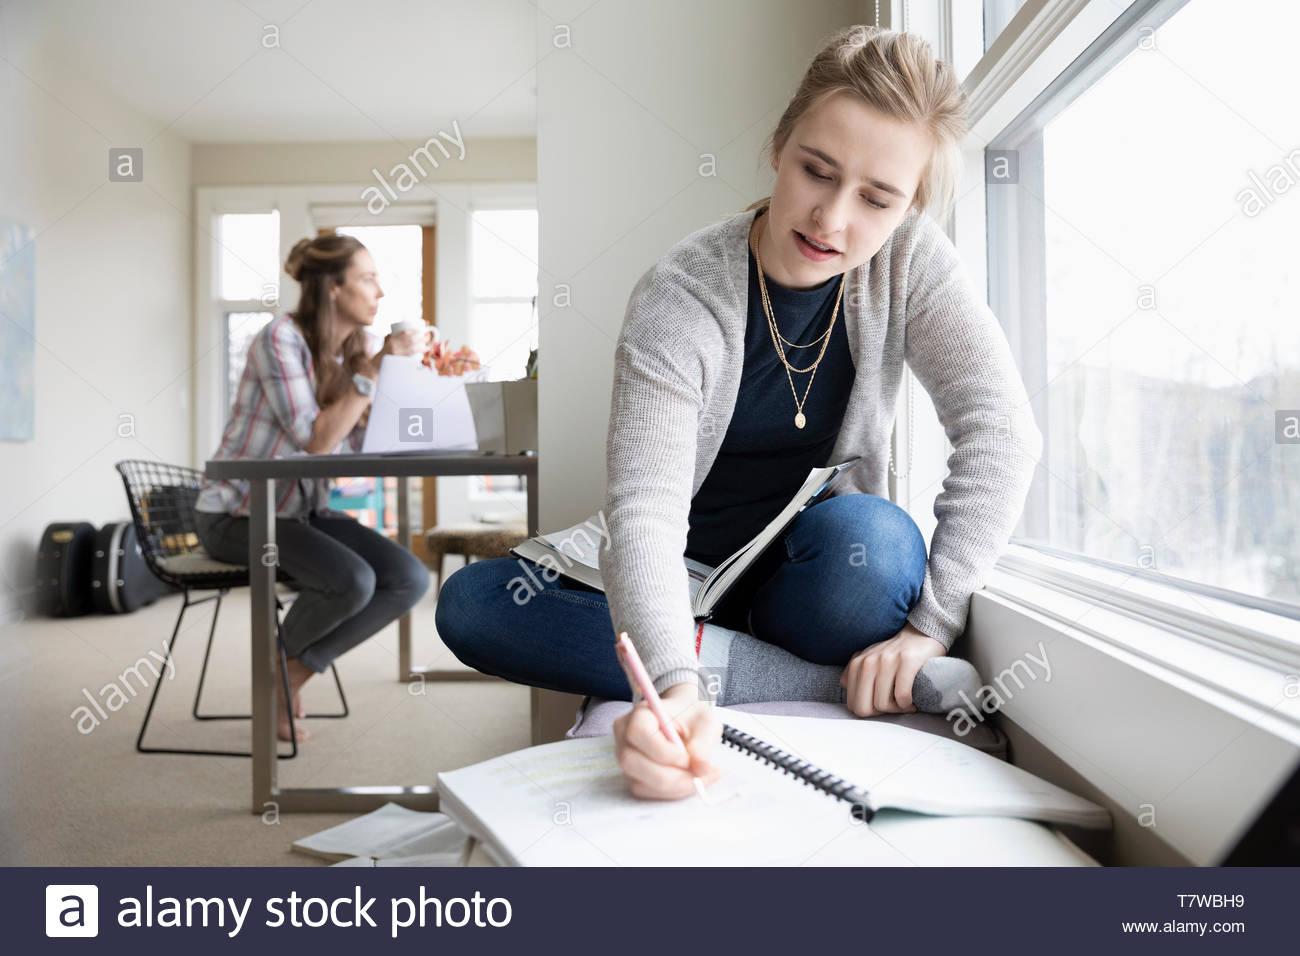 Ragazza adolescente facendo compiti a casa mentre la madre lavora in background Immagini Stock